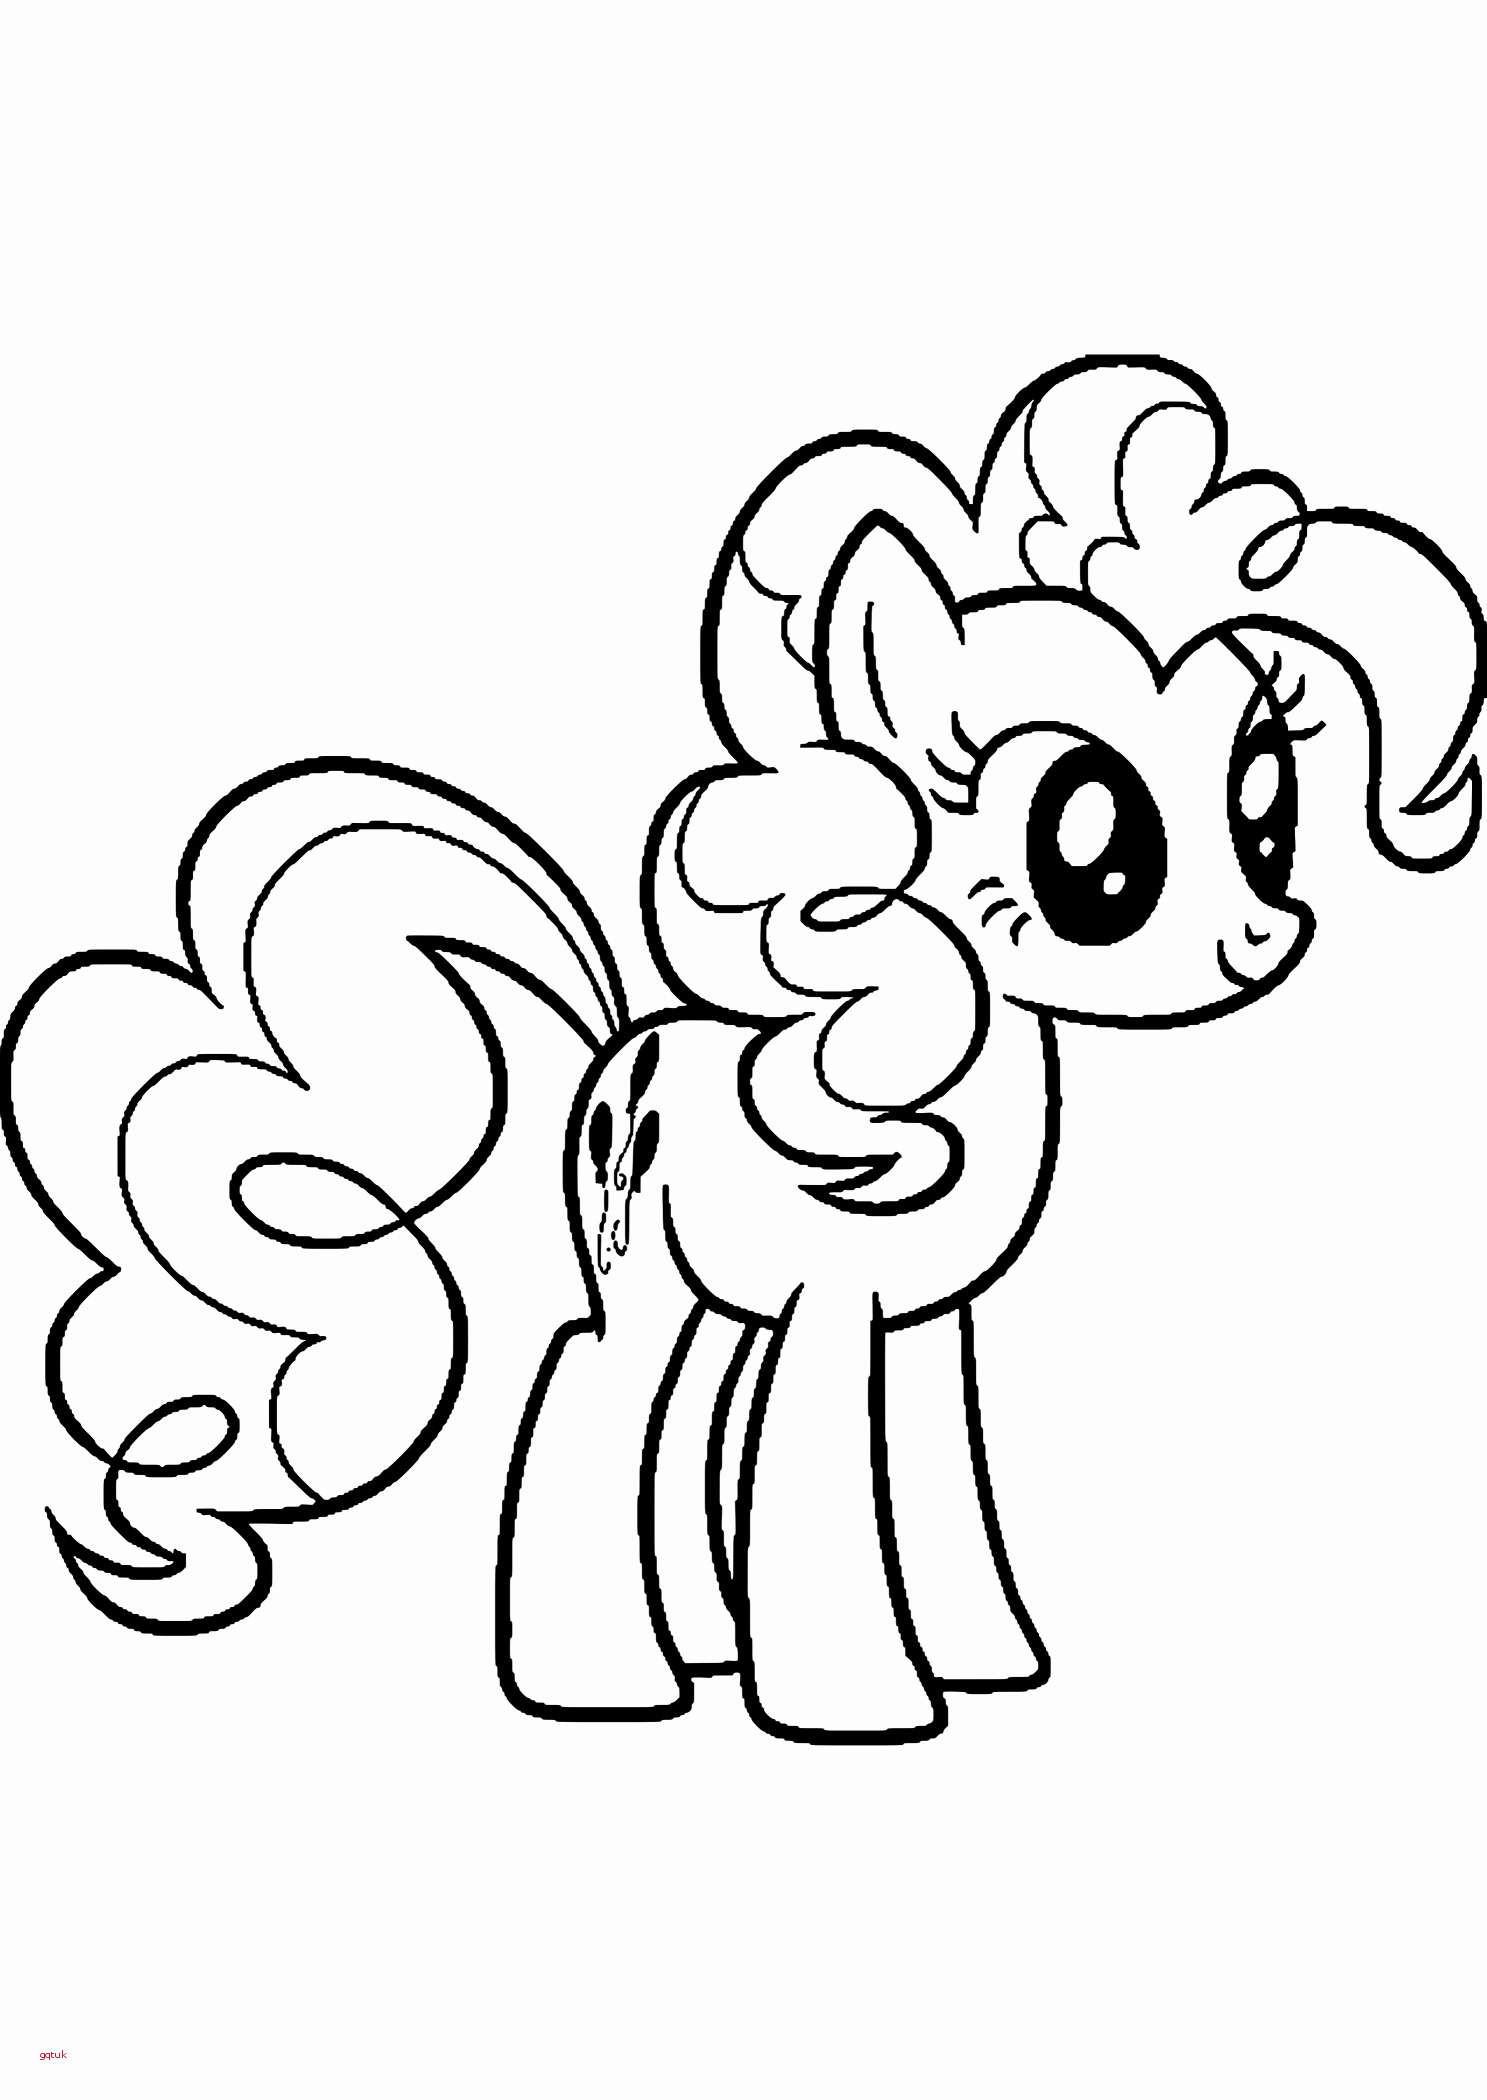 Ausmalbilder My Little Pony Equestria Girl Frisch Equestria Girls Pinkie Pie Coloring Pages Free Ausmalbilder My Sammlung